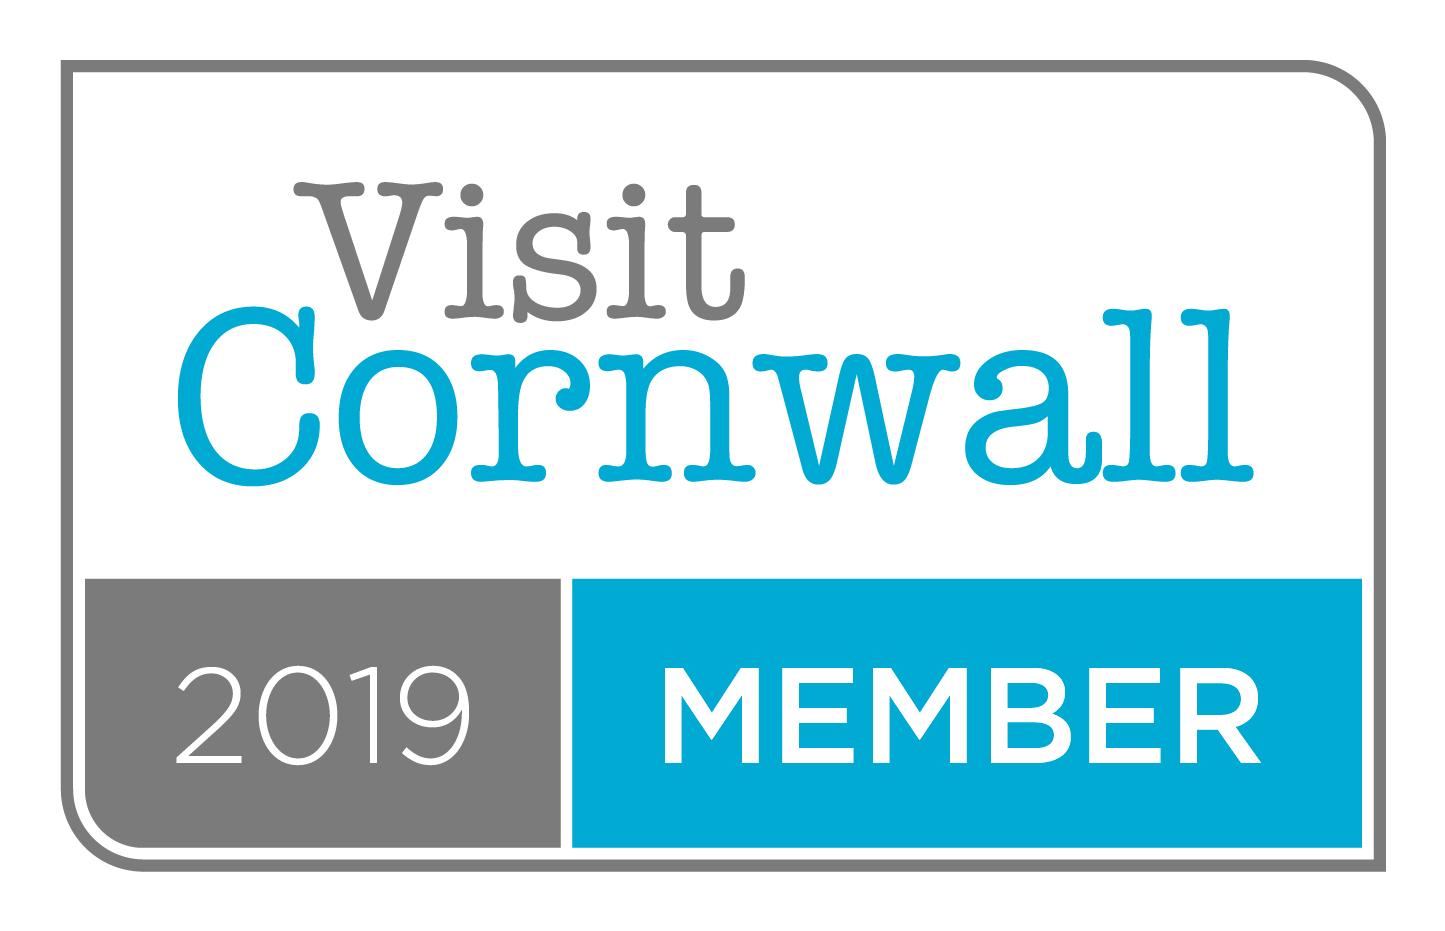 Visit-Cornwall-2019-png.png